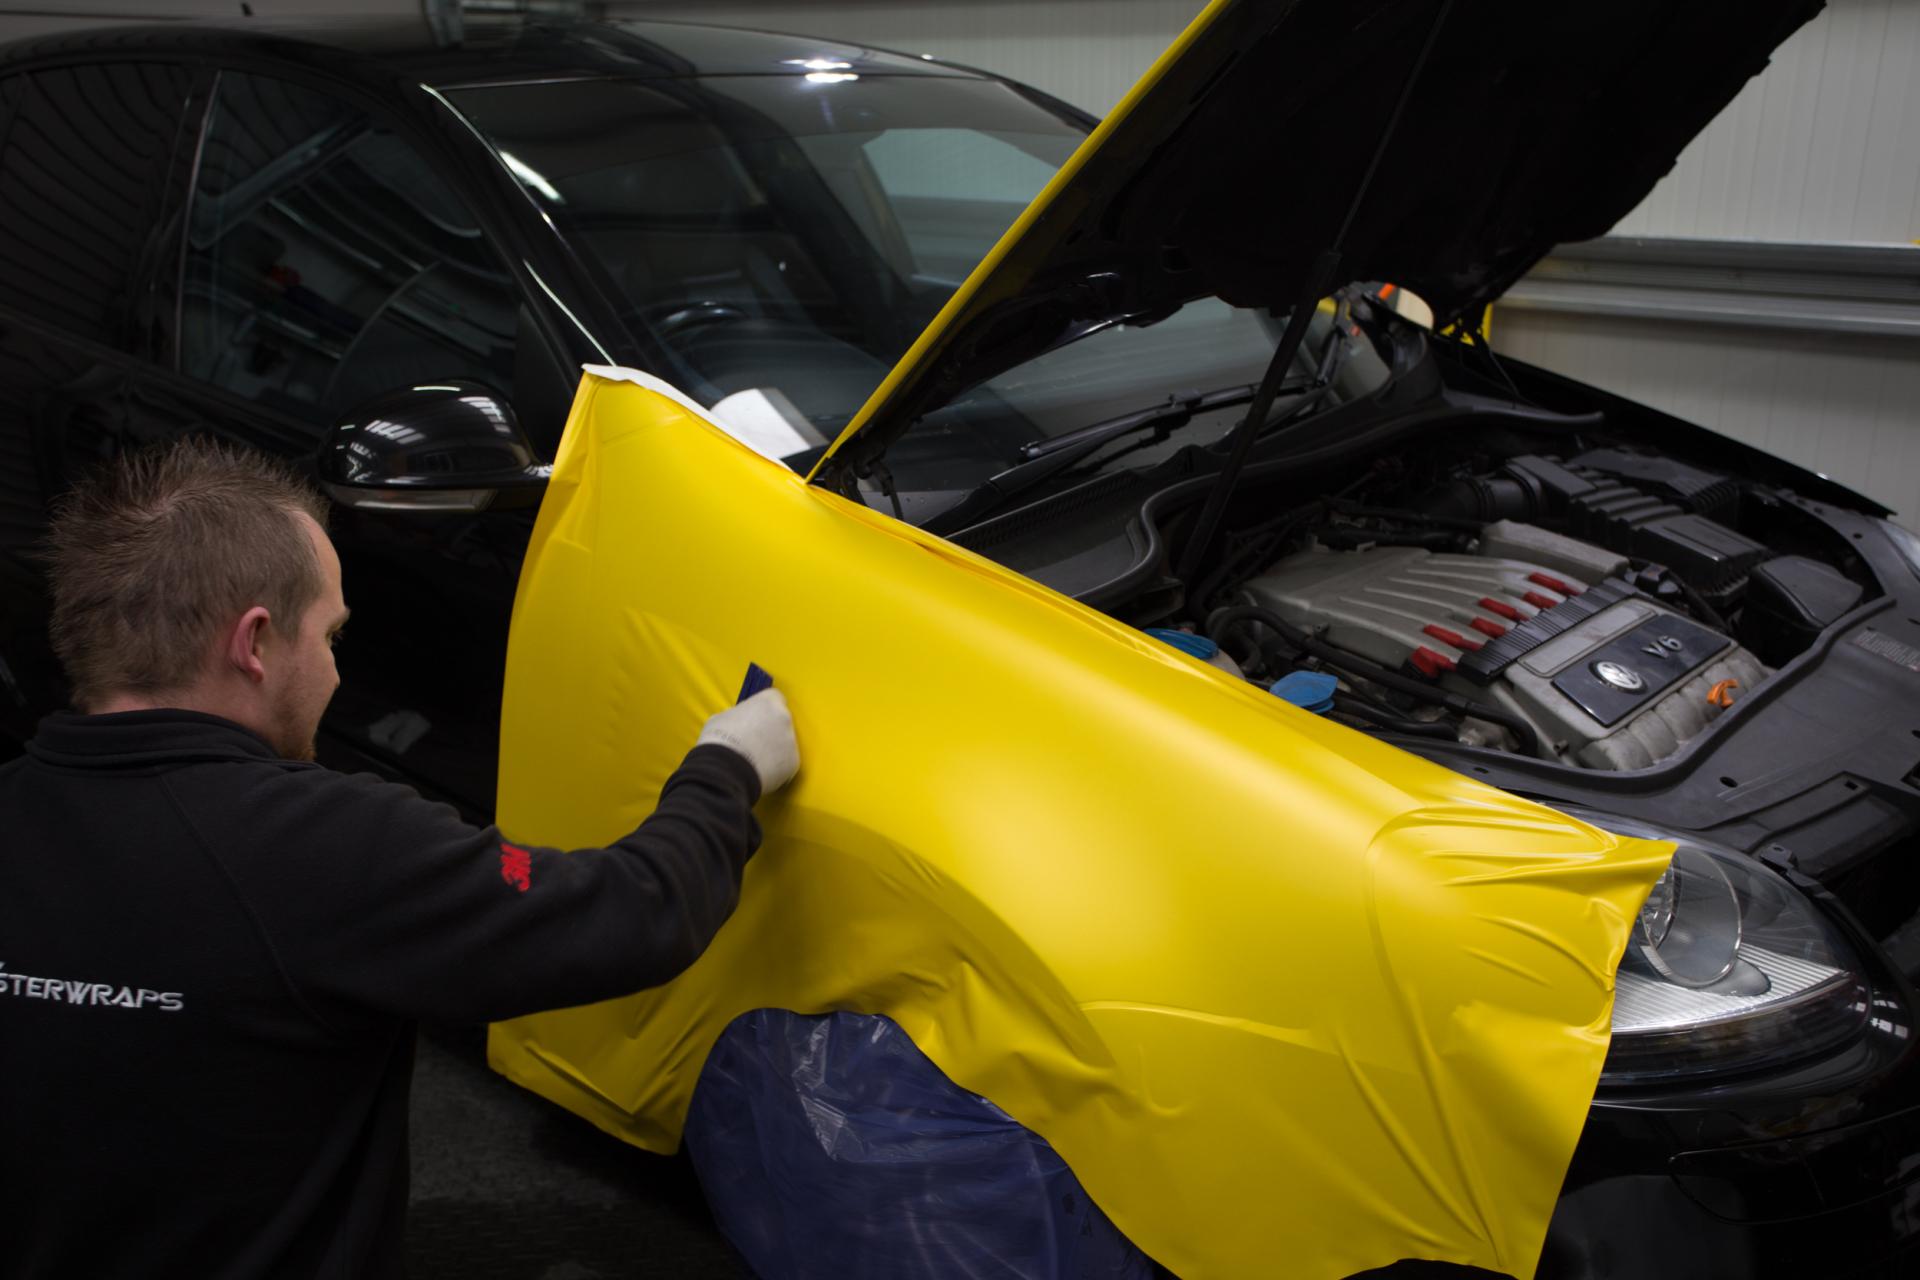 VW Golf R32 mk5 yellow camo wrap